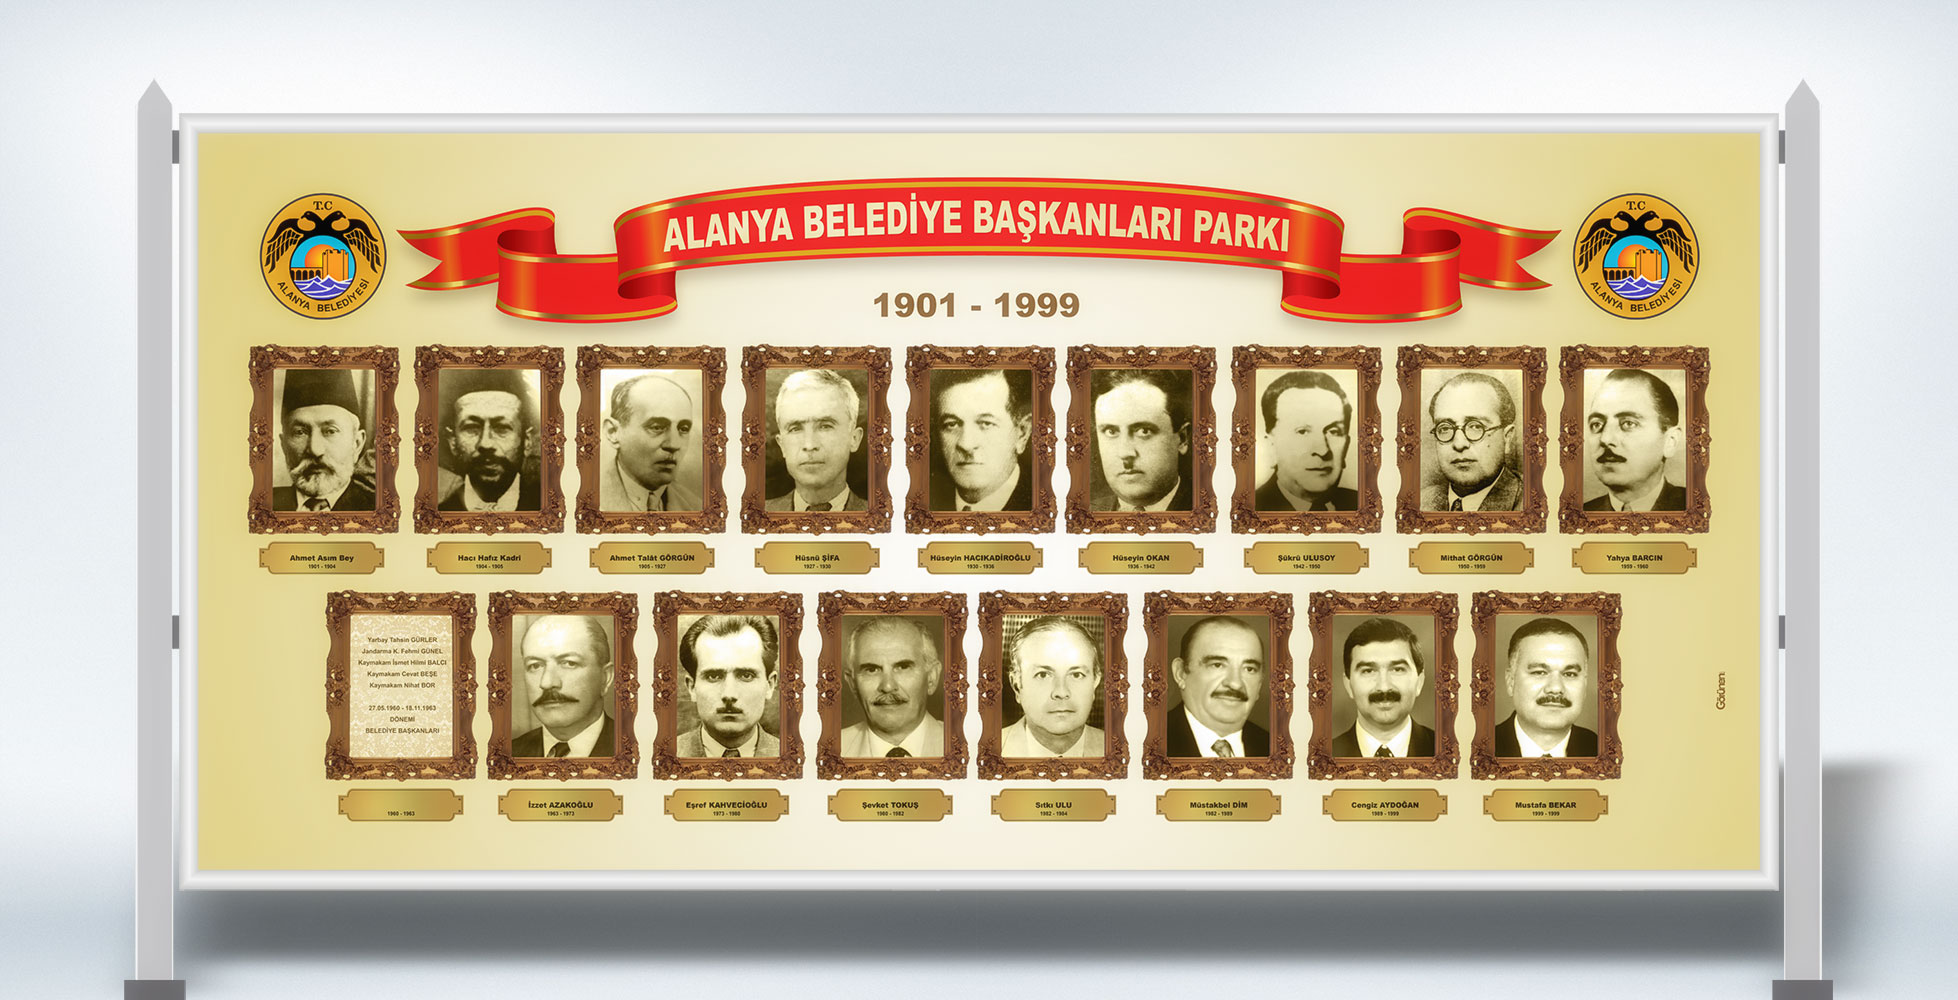 Alanya Belediye Başkanları